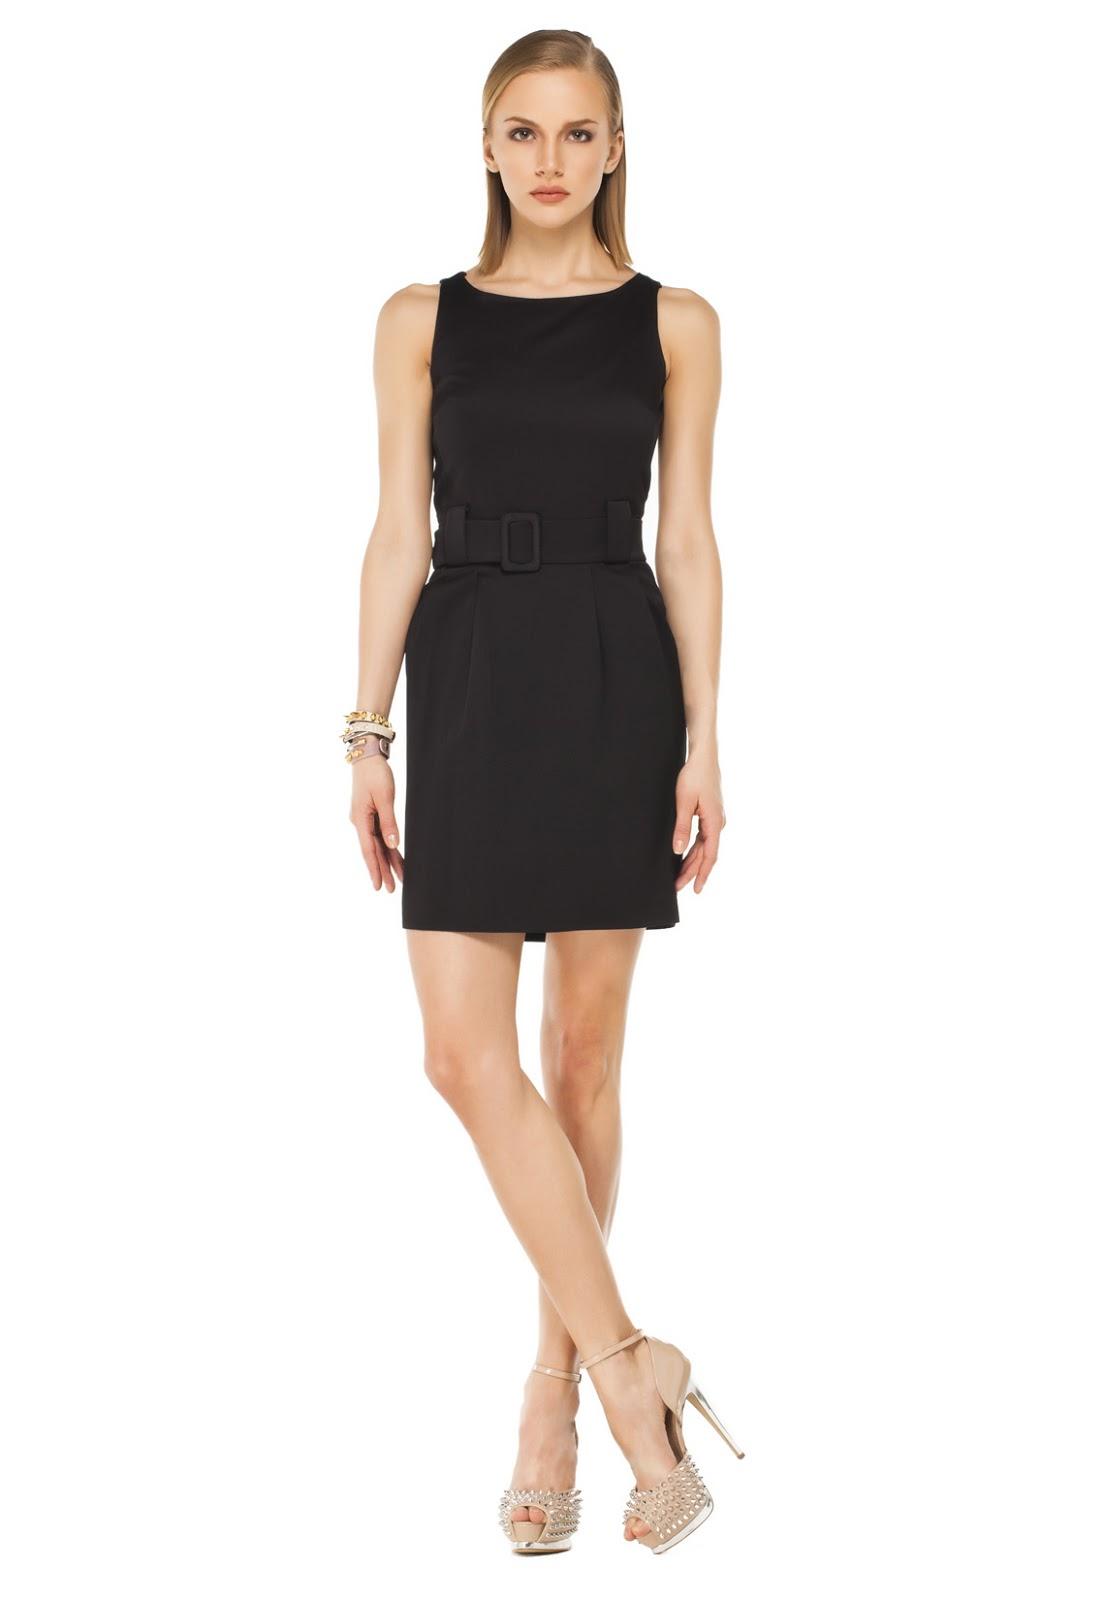 2013-colins-elbise-modelleri